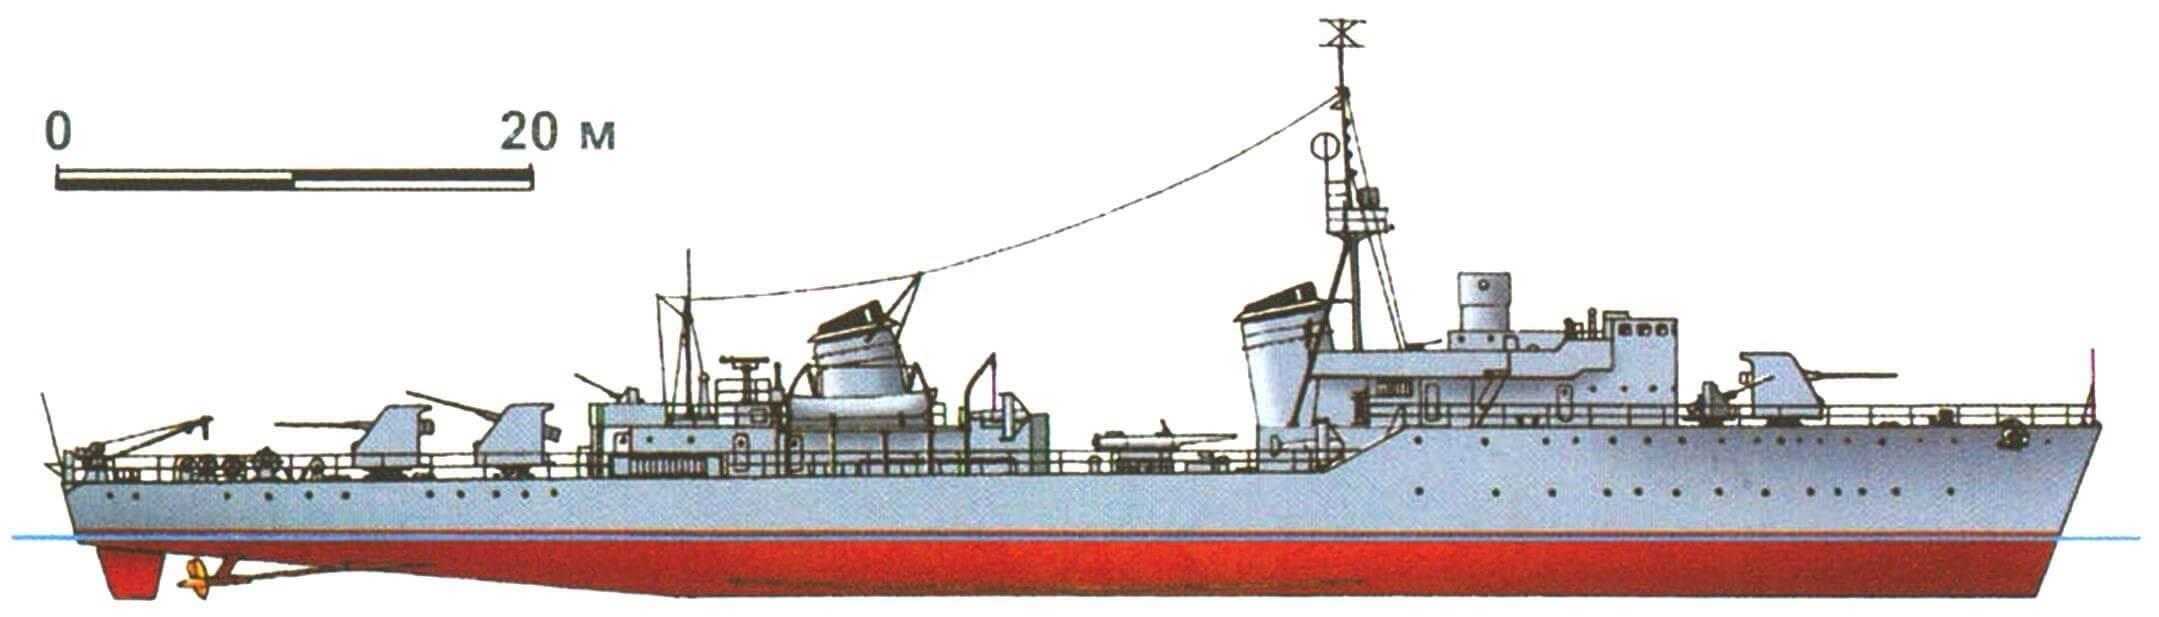 Сторожевой корабль «Ястреб» (проект 29К), СССР, 1945 г.